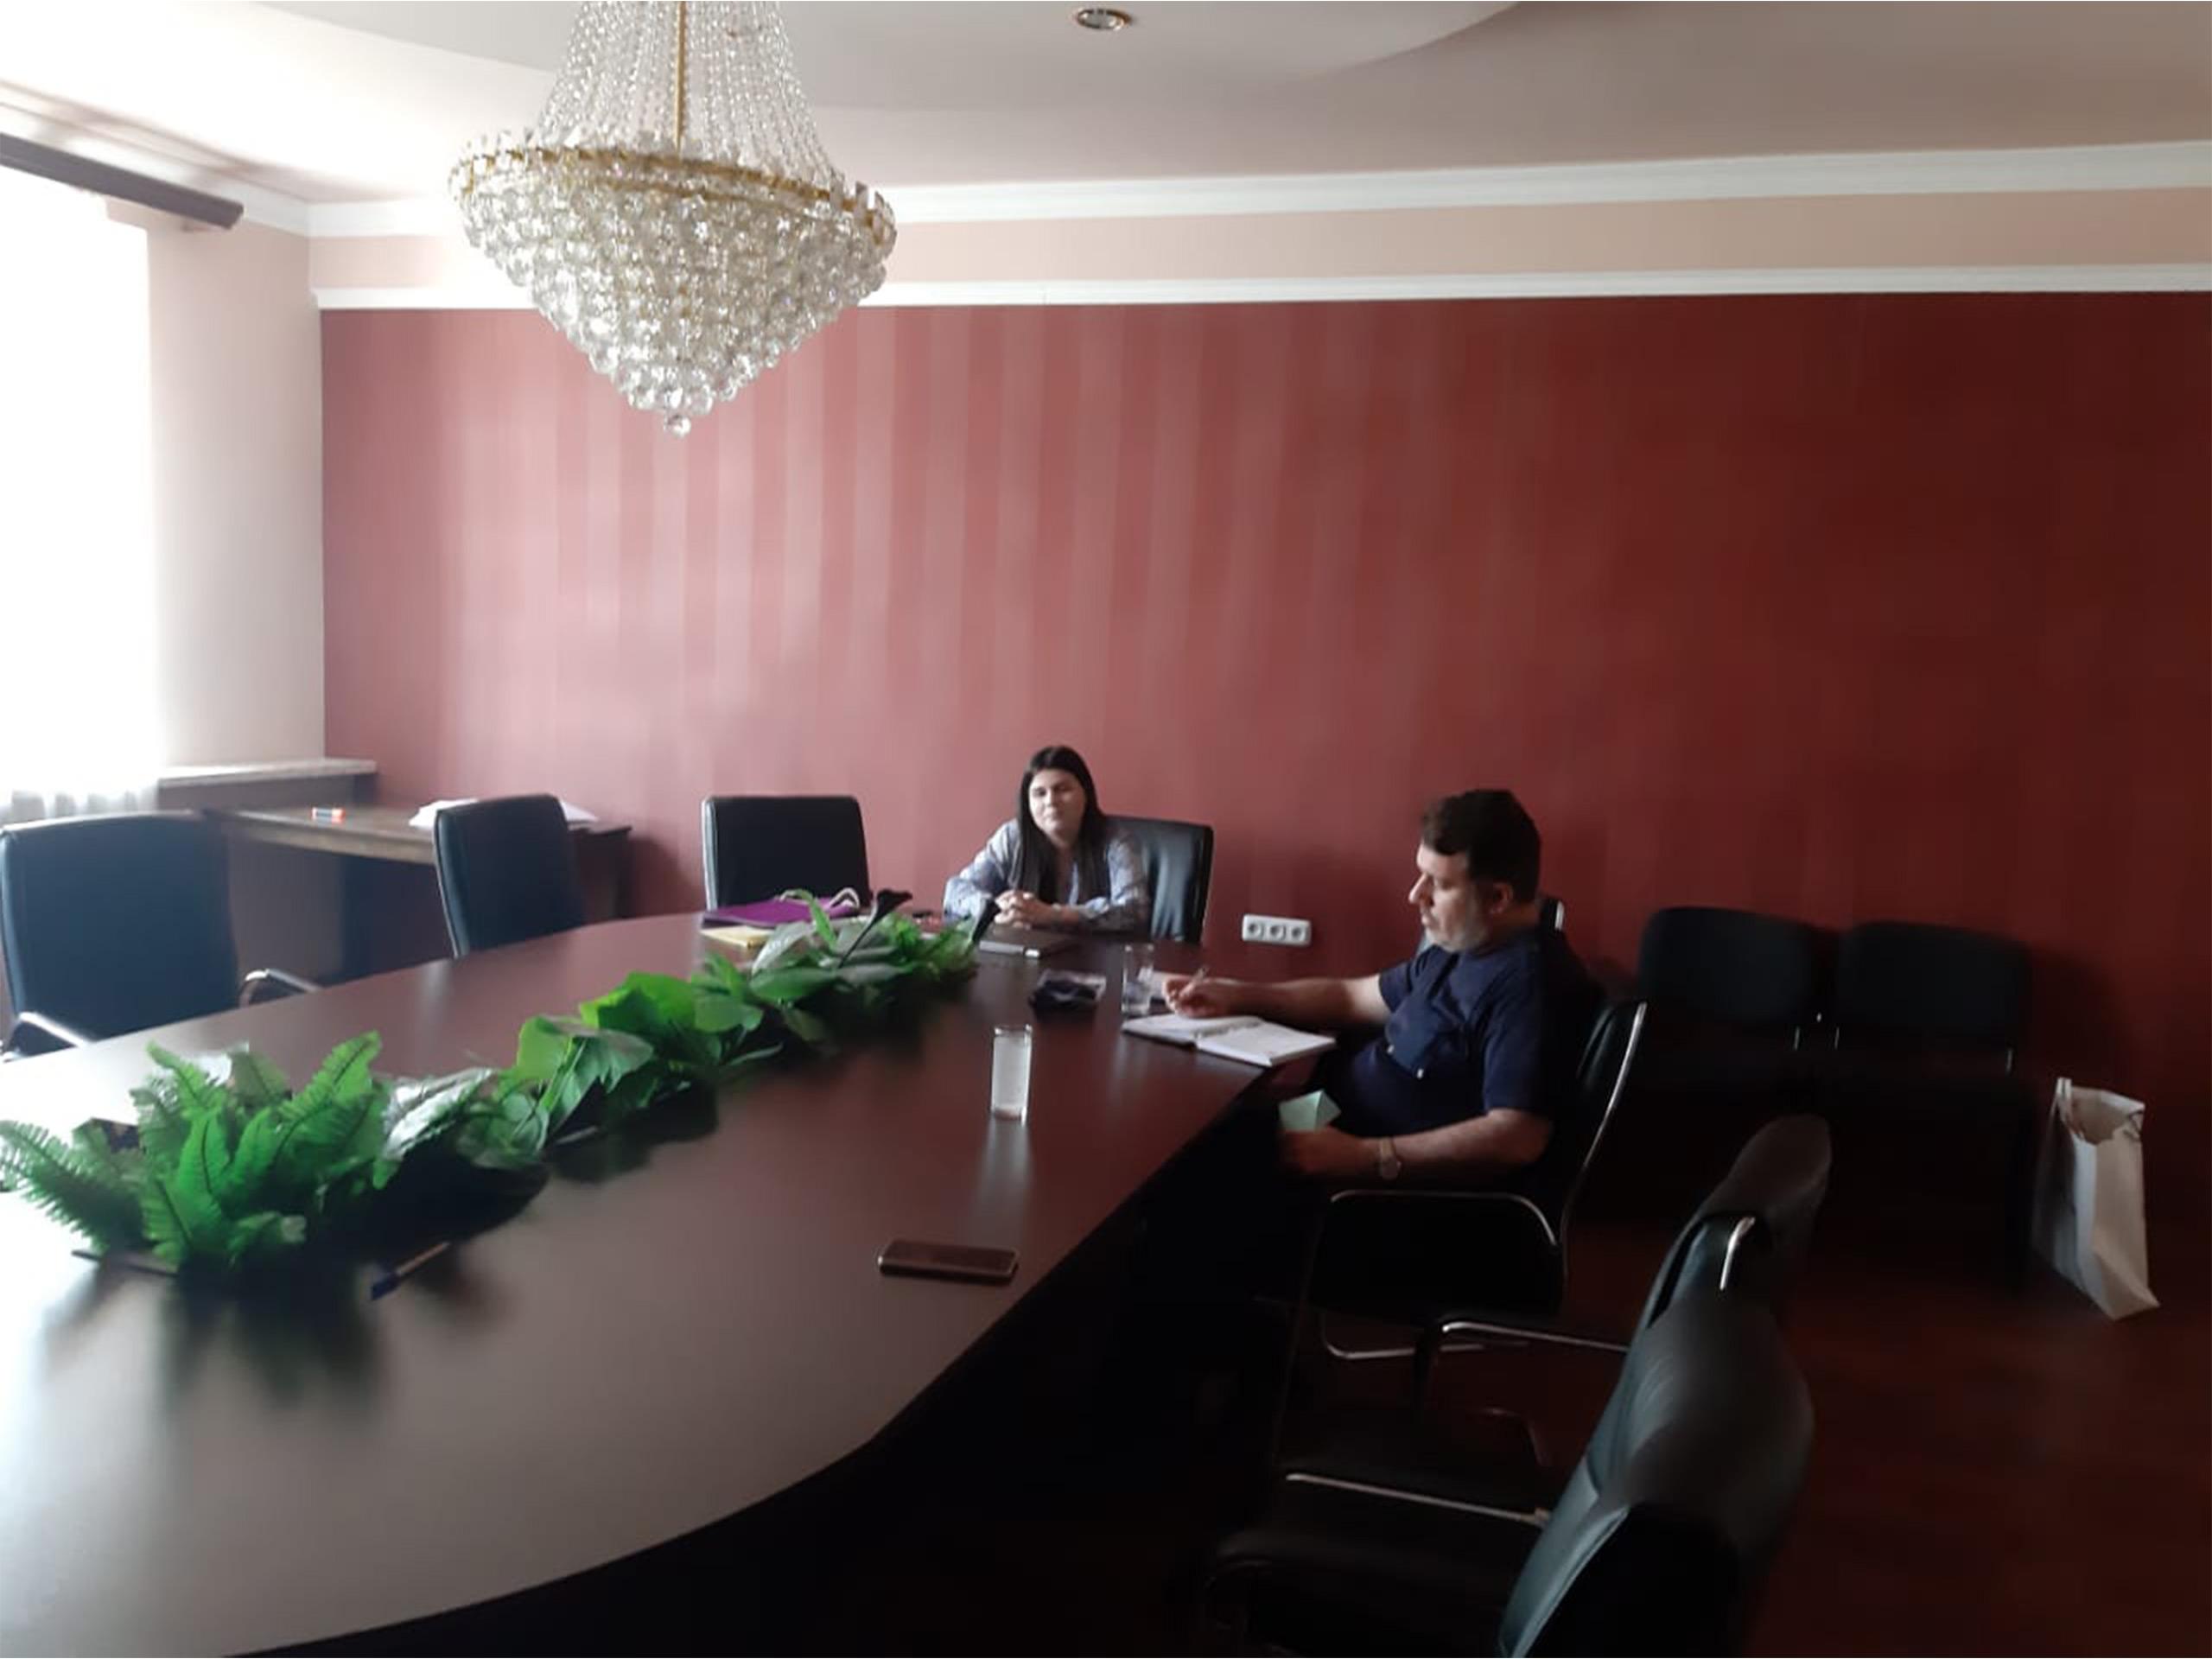 نشست مدیر عامل زینو تجارت با خانم آزا تاجر ارمنستانی در ایروان 1400/06/04